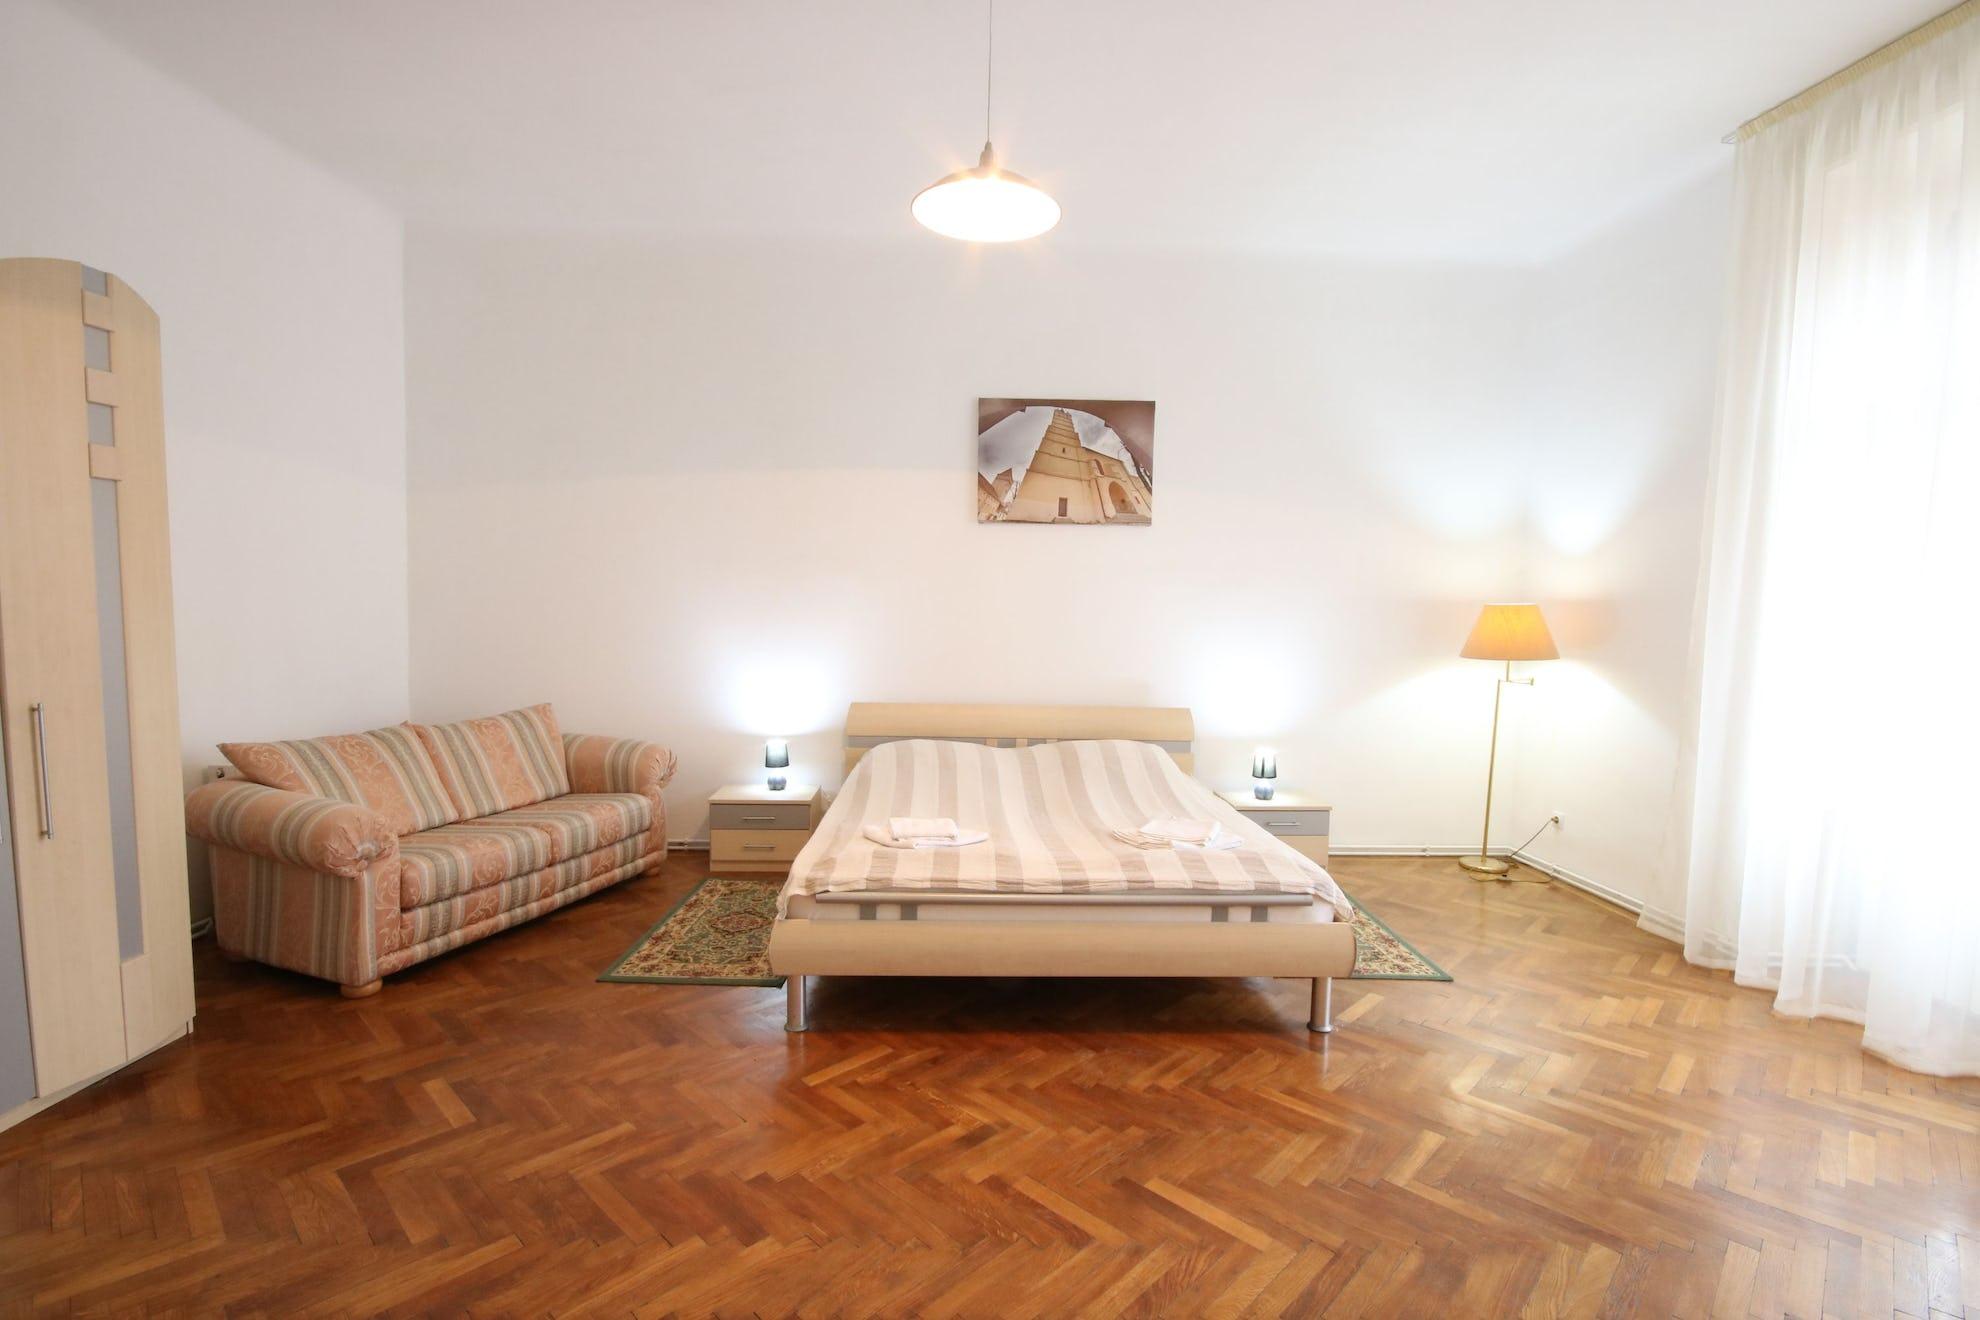 Cameră cu pat dublu și canapea pentru relaxare